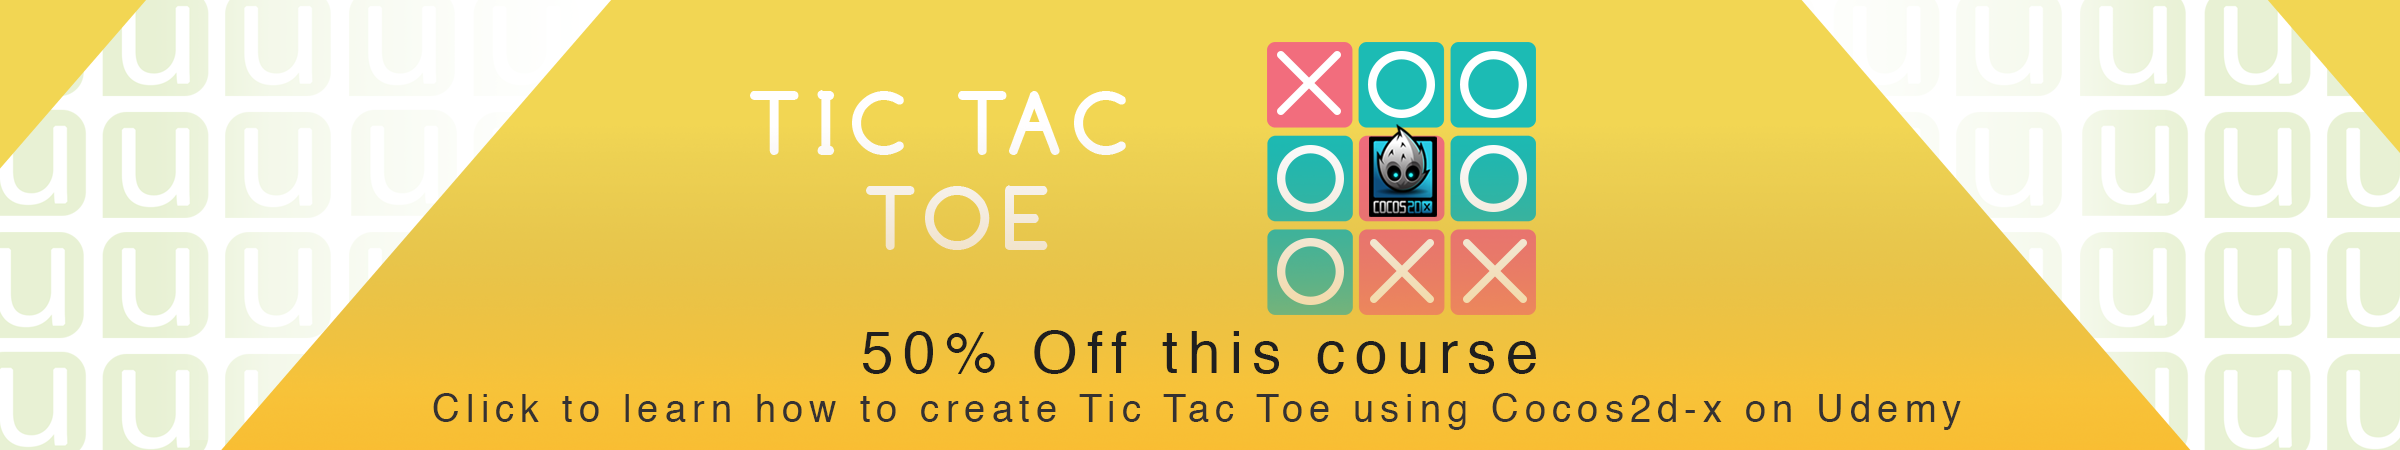 Tic-Tac-Toe Cocos2d-x C++ Banner